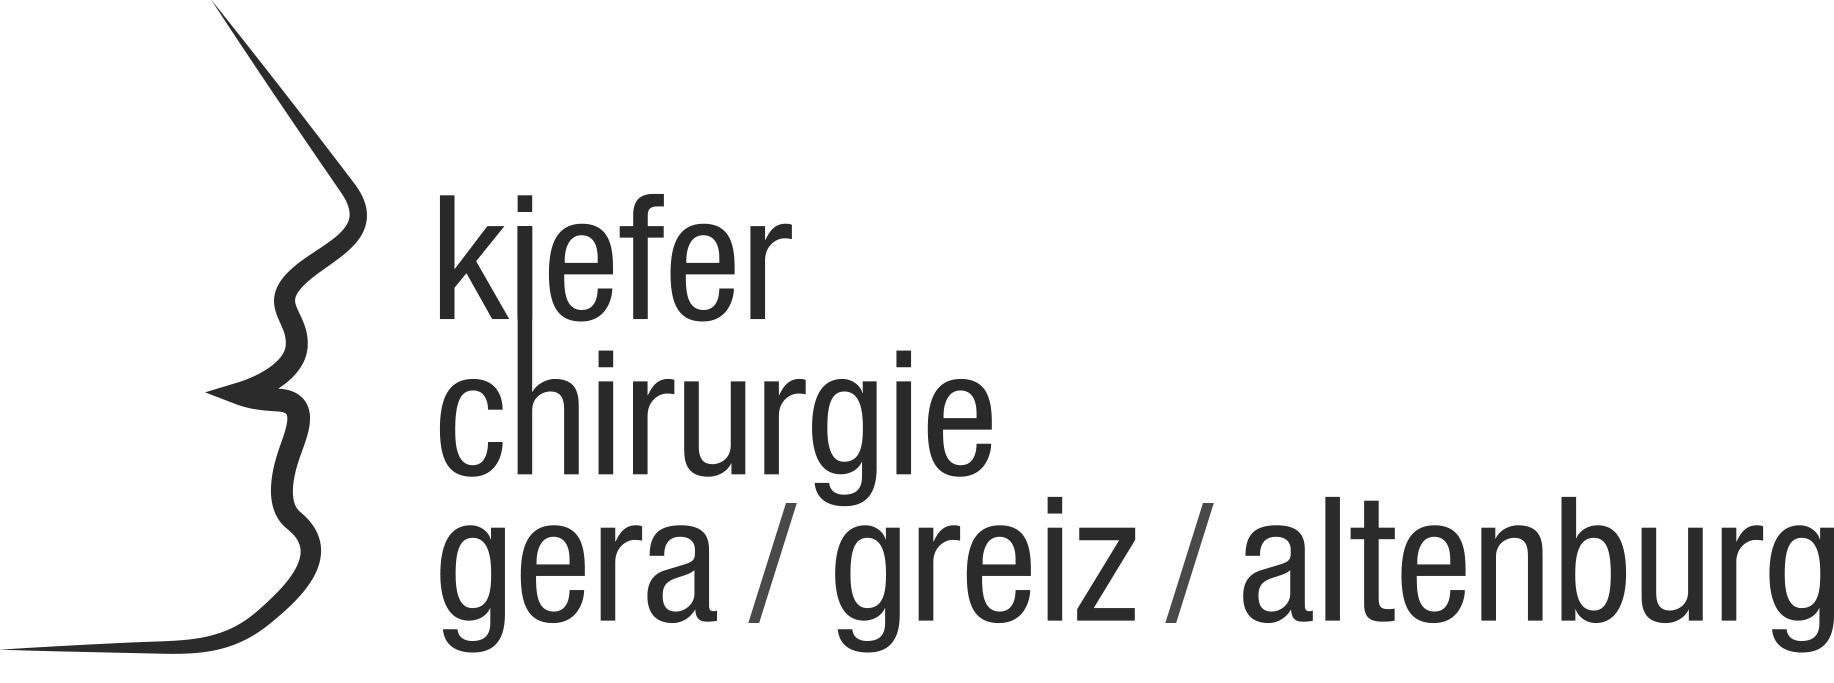 Das Logo der Kieferchirurgie Gera Greiz Altenburg.